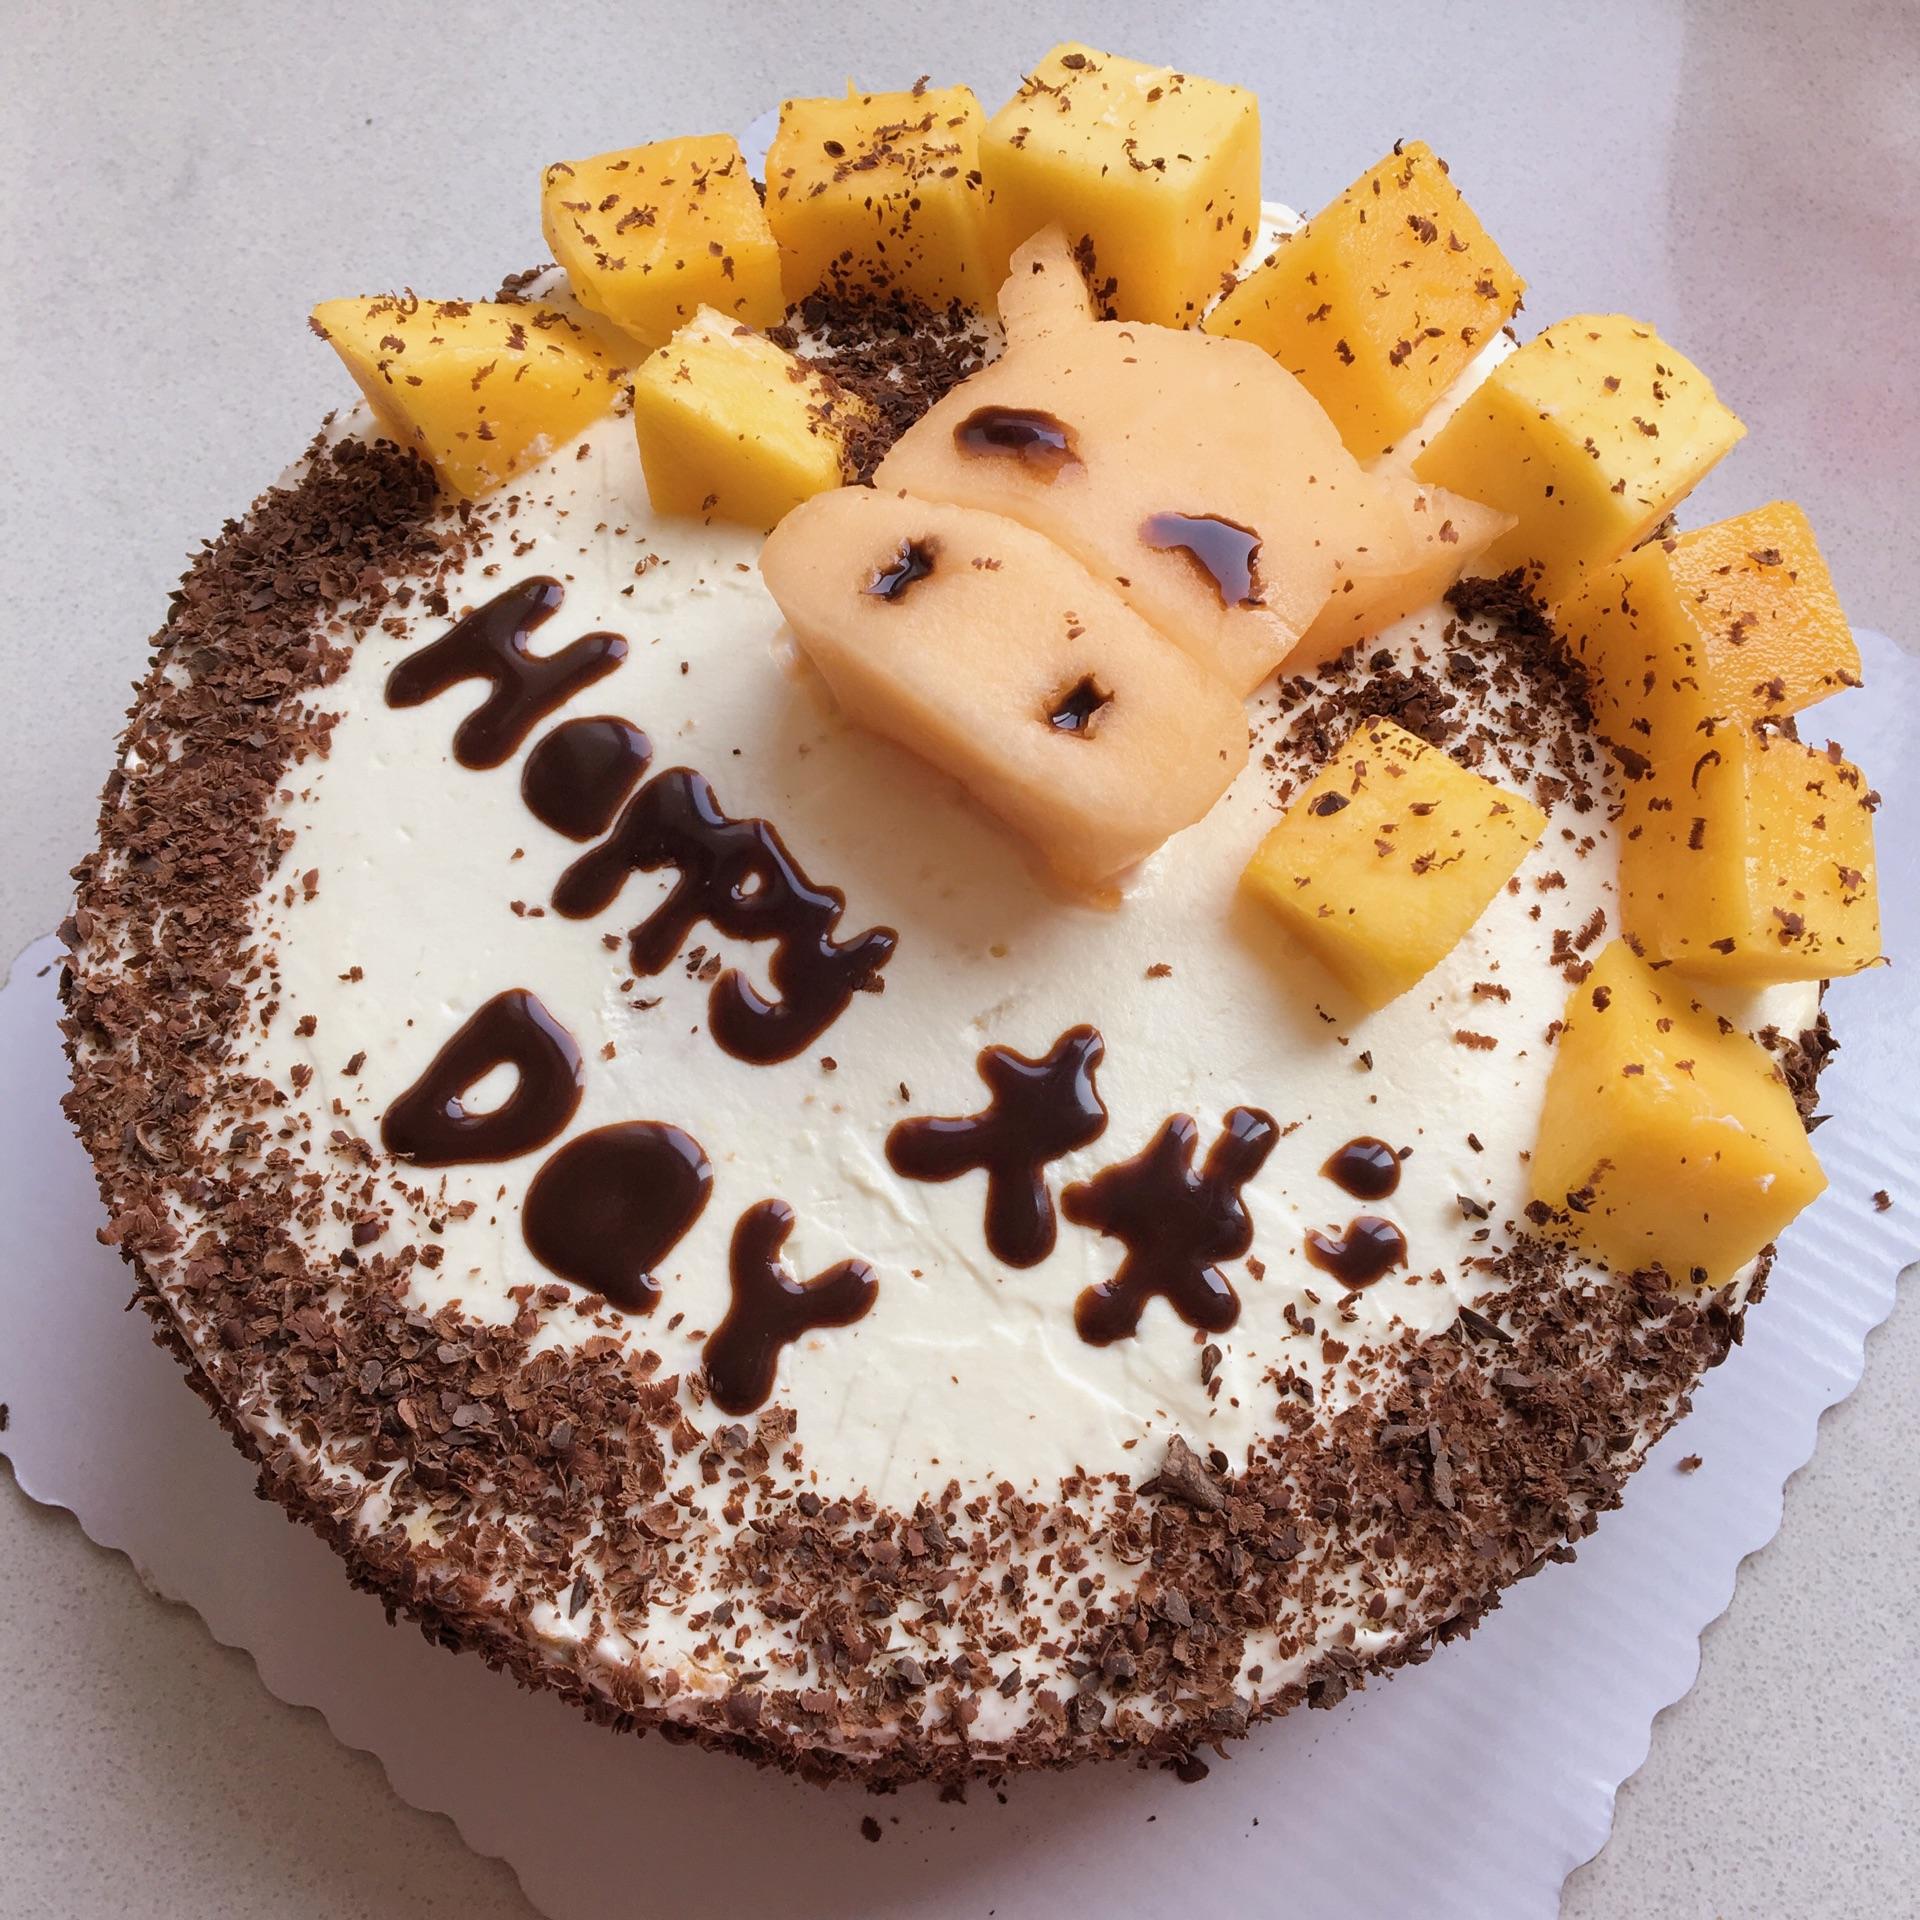 水果装饰生日蛋糕